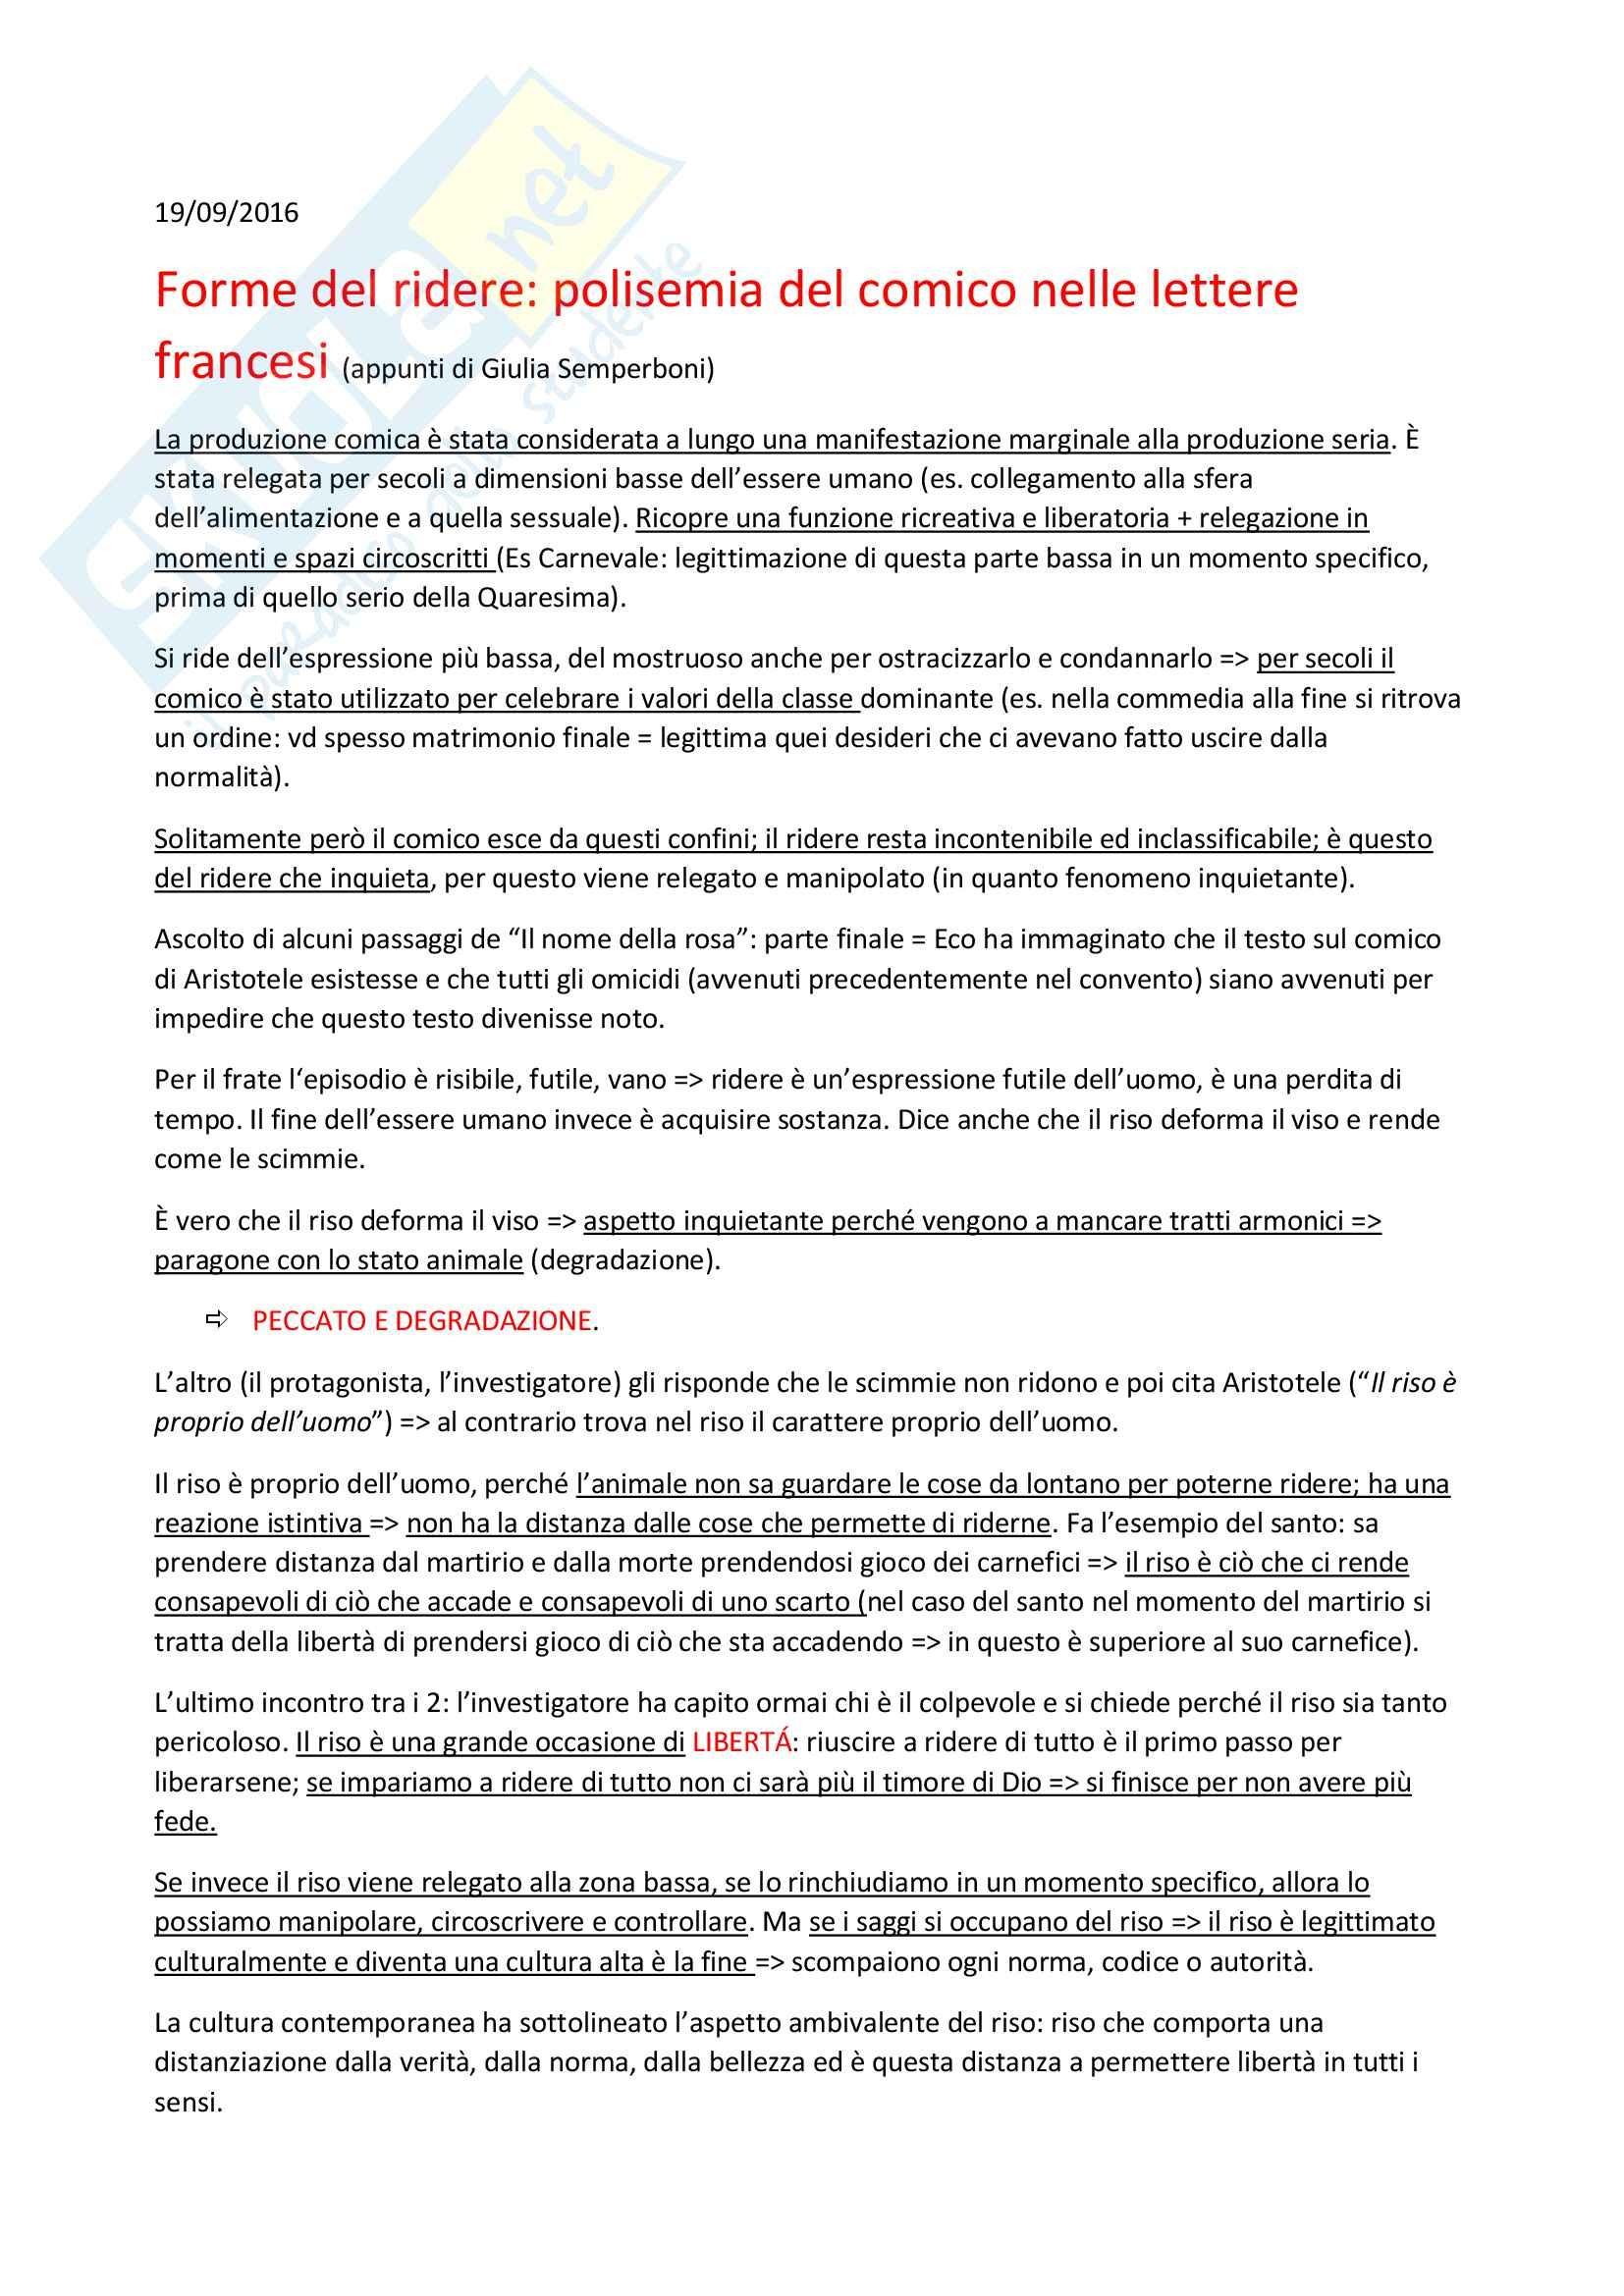 Calendario Kabbalah 2019 Más Reciente forme Del Ridere Appunti Di Letteratura Francese Of Calendario Kabbalah 2019 Más Actual Grade Nine Science Exam Ebook